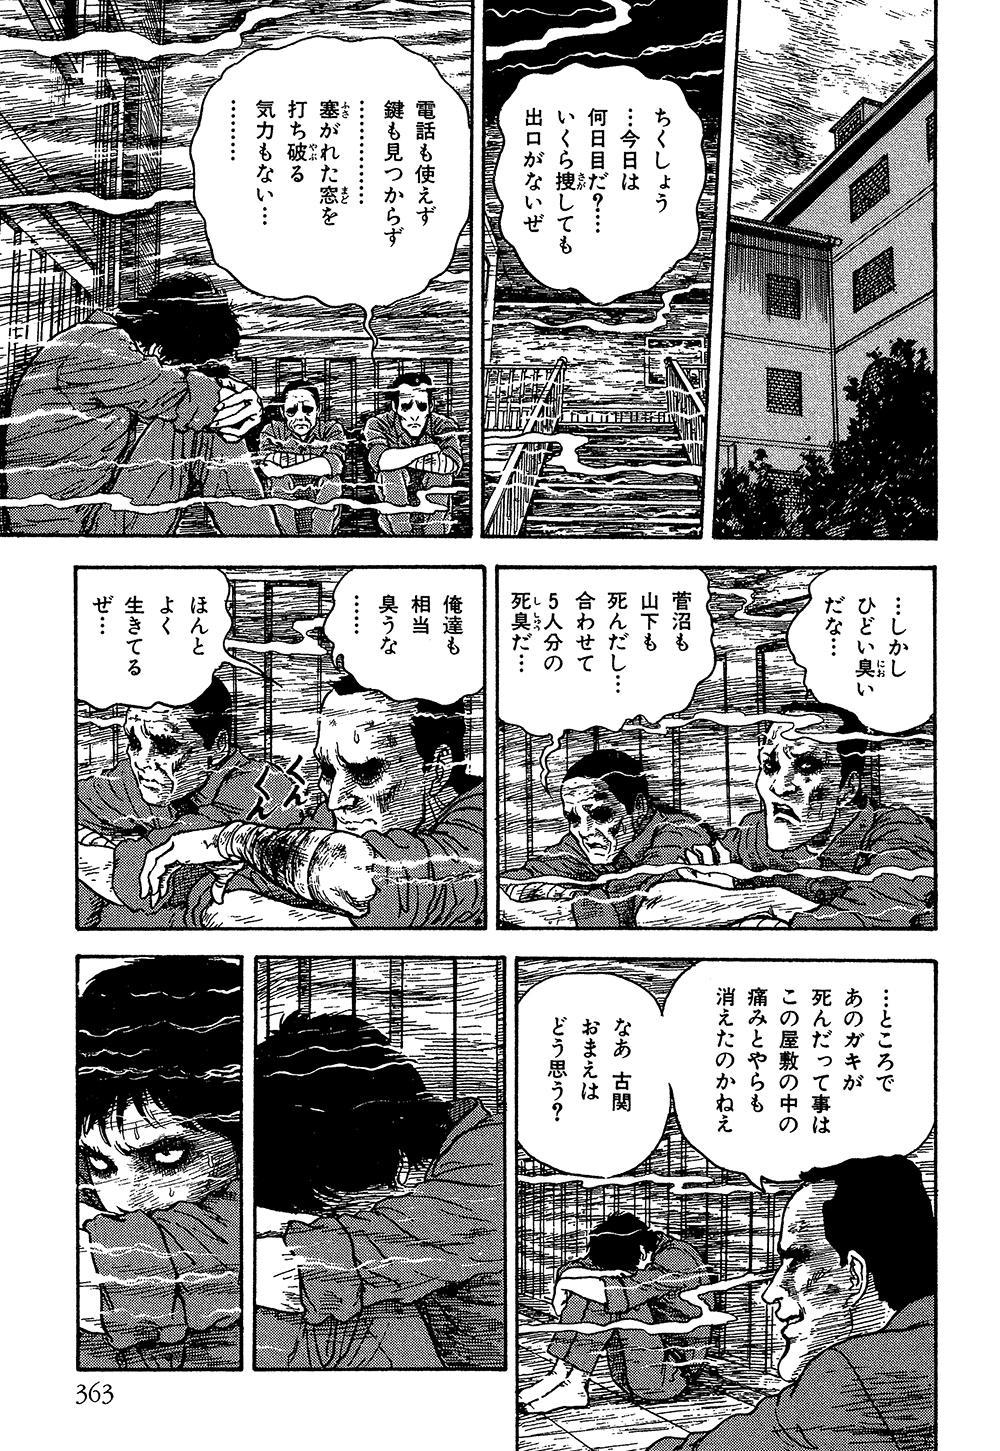 itouj_0004_0365.jpg